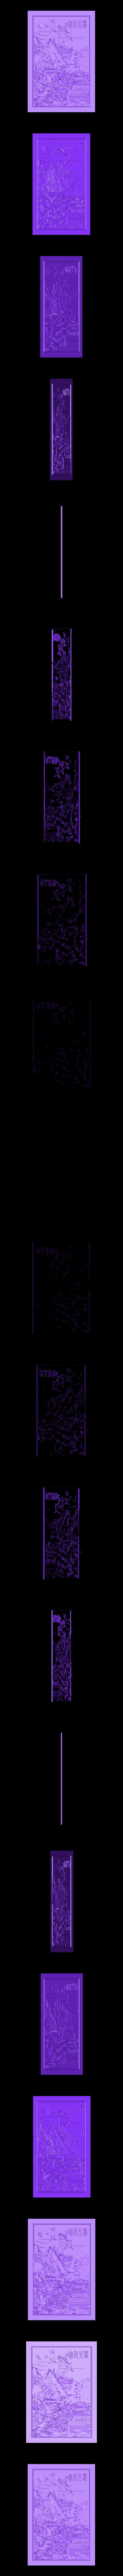 MontainsAndHills.stl Télécharger fichier STL gratuit Paysage chinois 3d modèle de bas-relief pour cnc • Design à imprimer en 3D, stlfilesfree